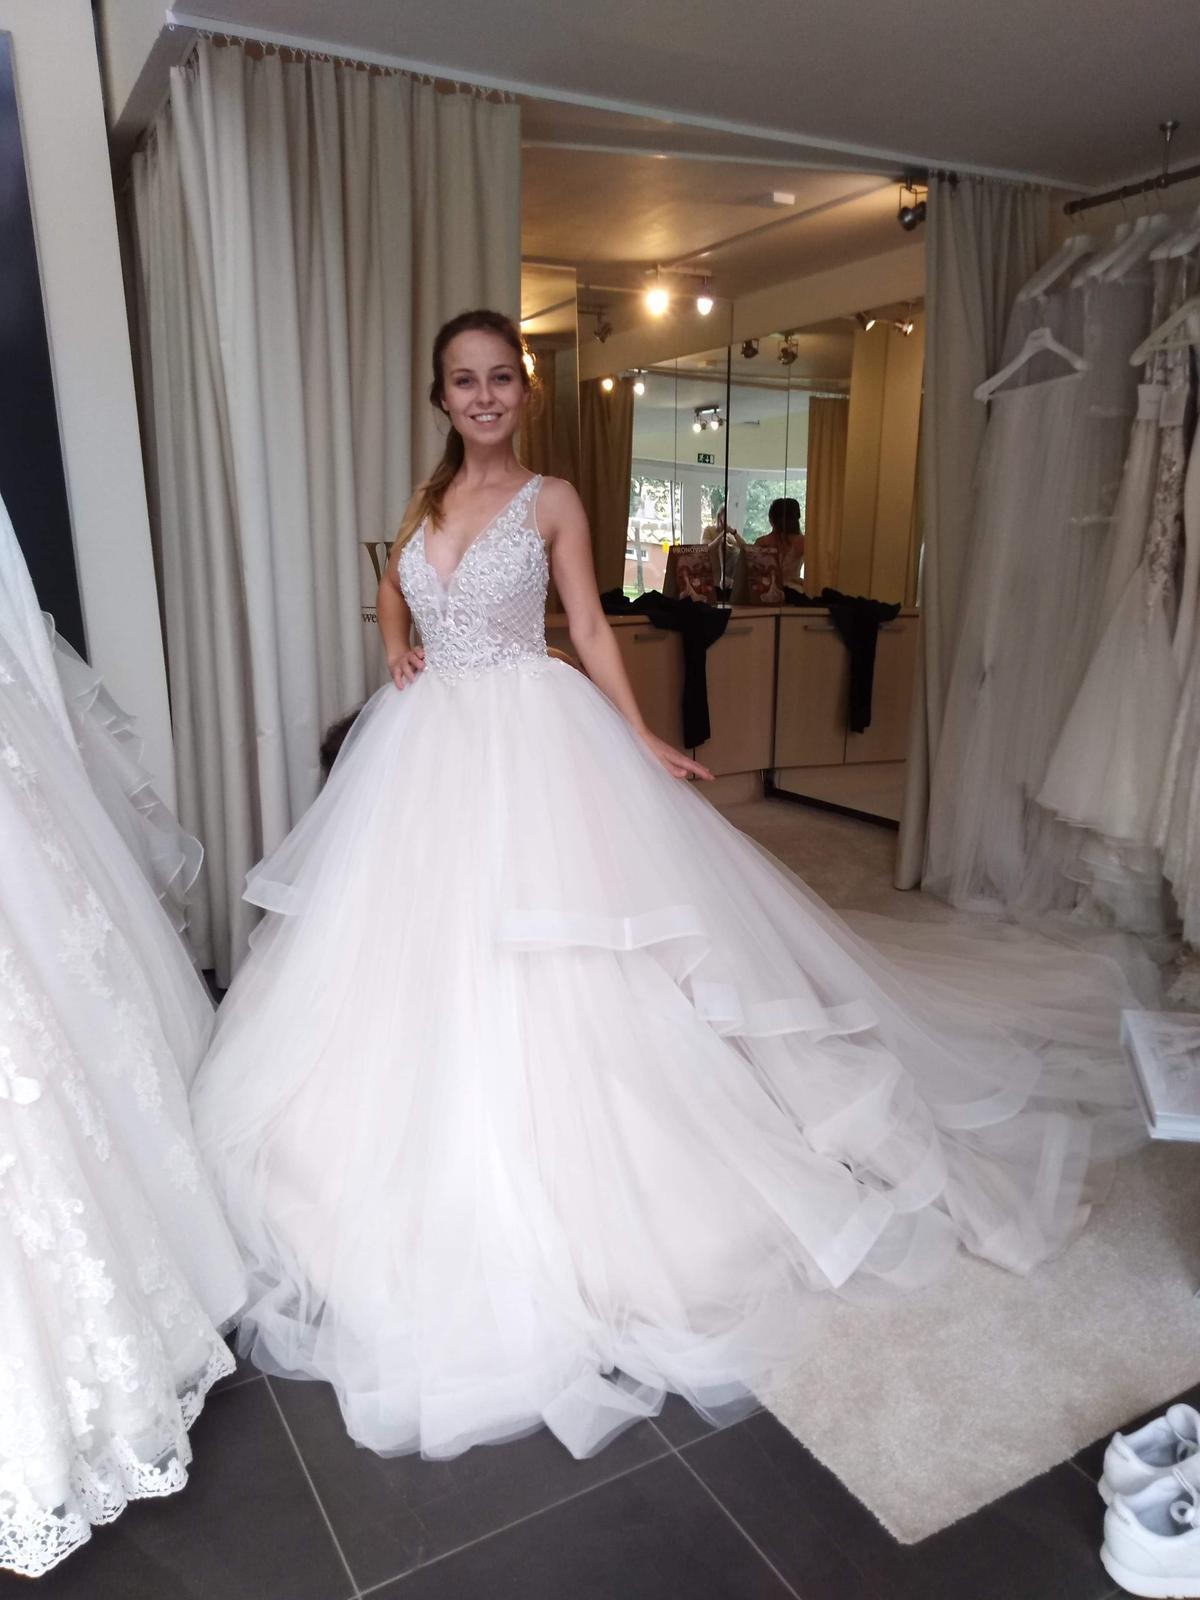 Svadobné šaty Nicole Spose veľkosť 34 - Obrázok č. 1